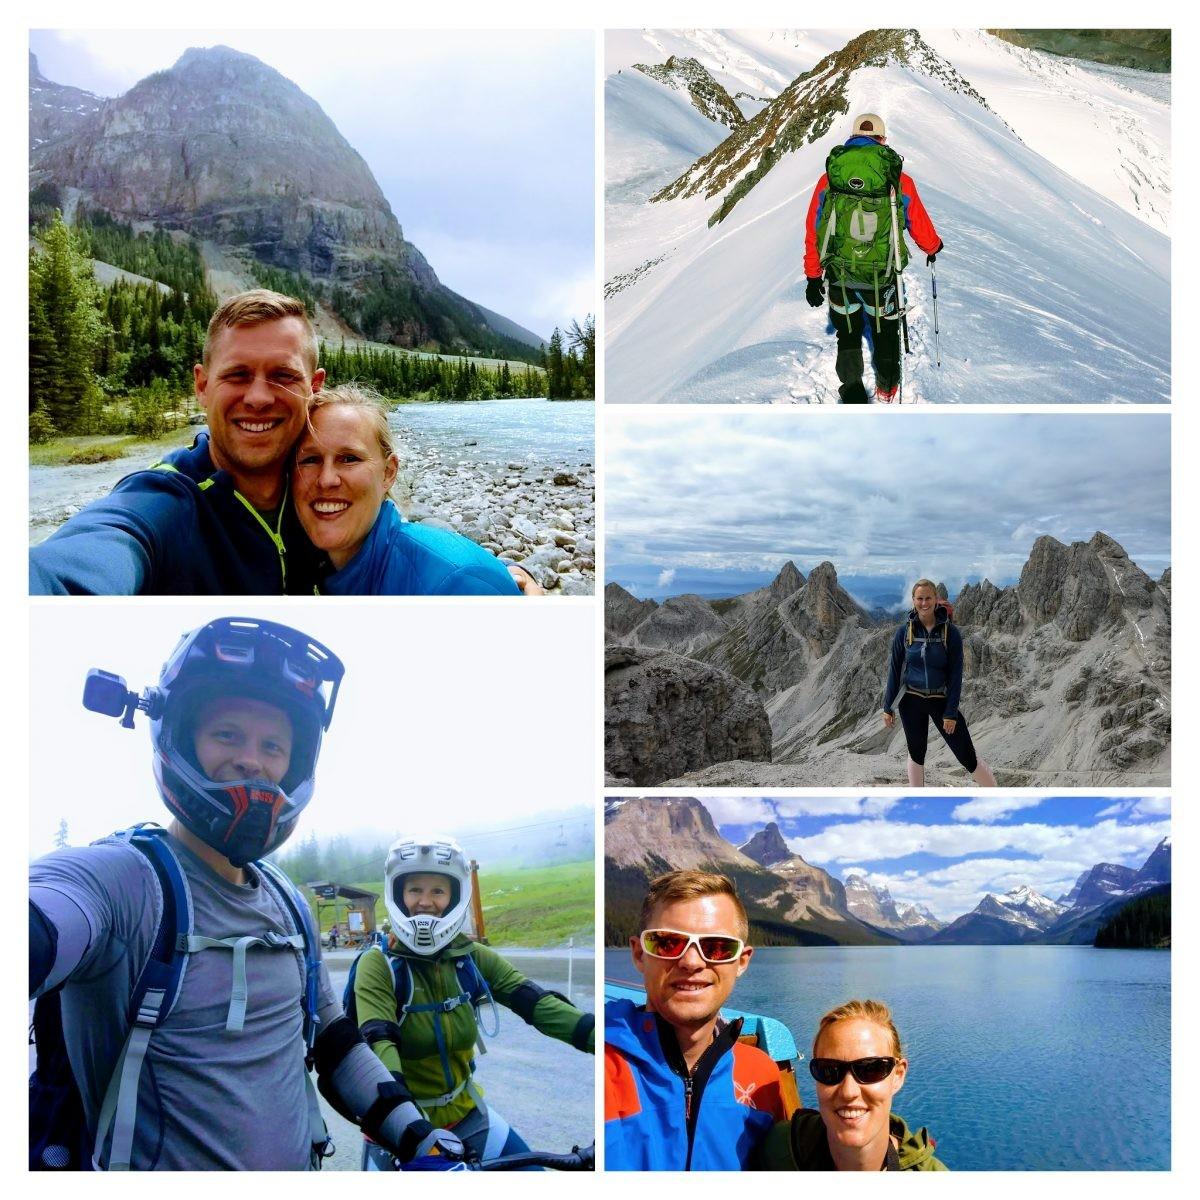 Dit doen wij als bergliefhebbers erg graag! Foto: Sietske Mensing